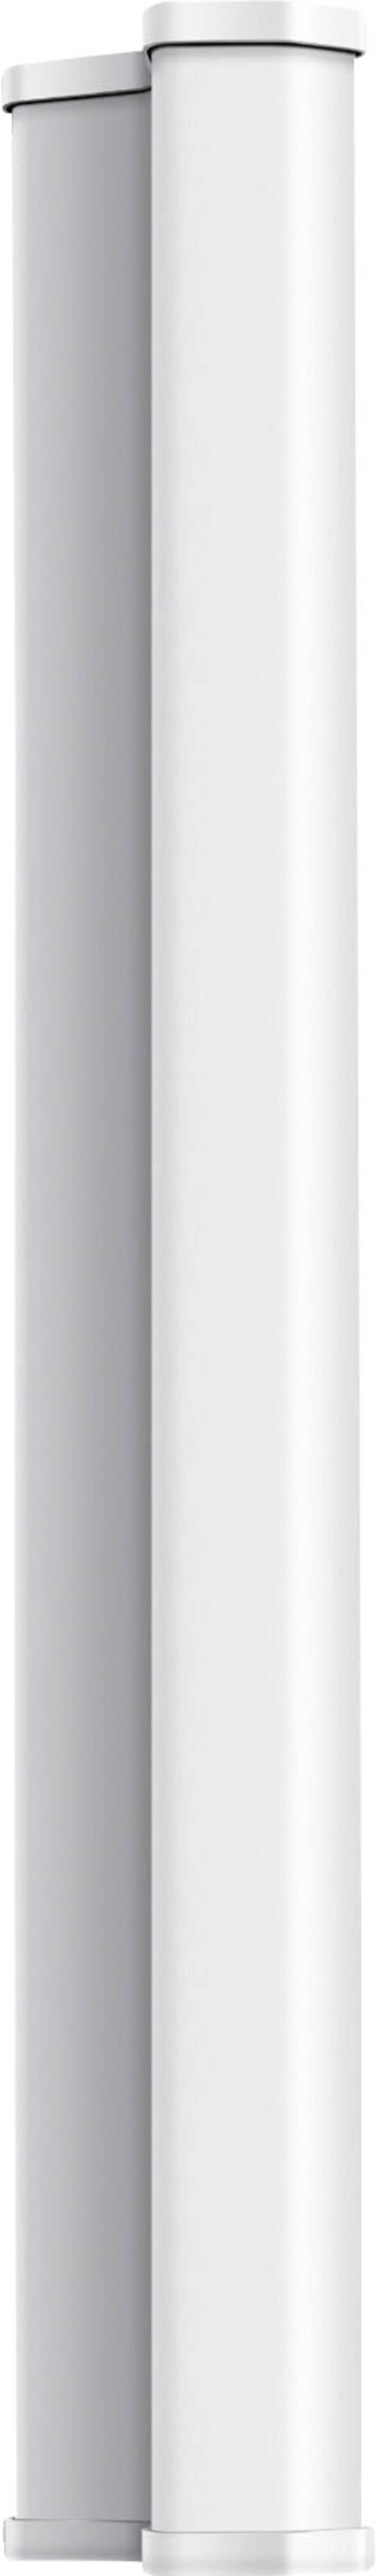 Antena za brezžični Notranjit 15 dB 2.4 GHz TP-LINK TL-ANT2415MS